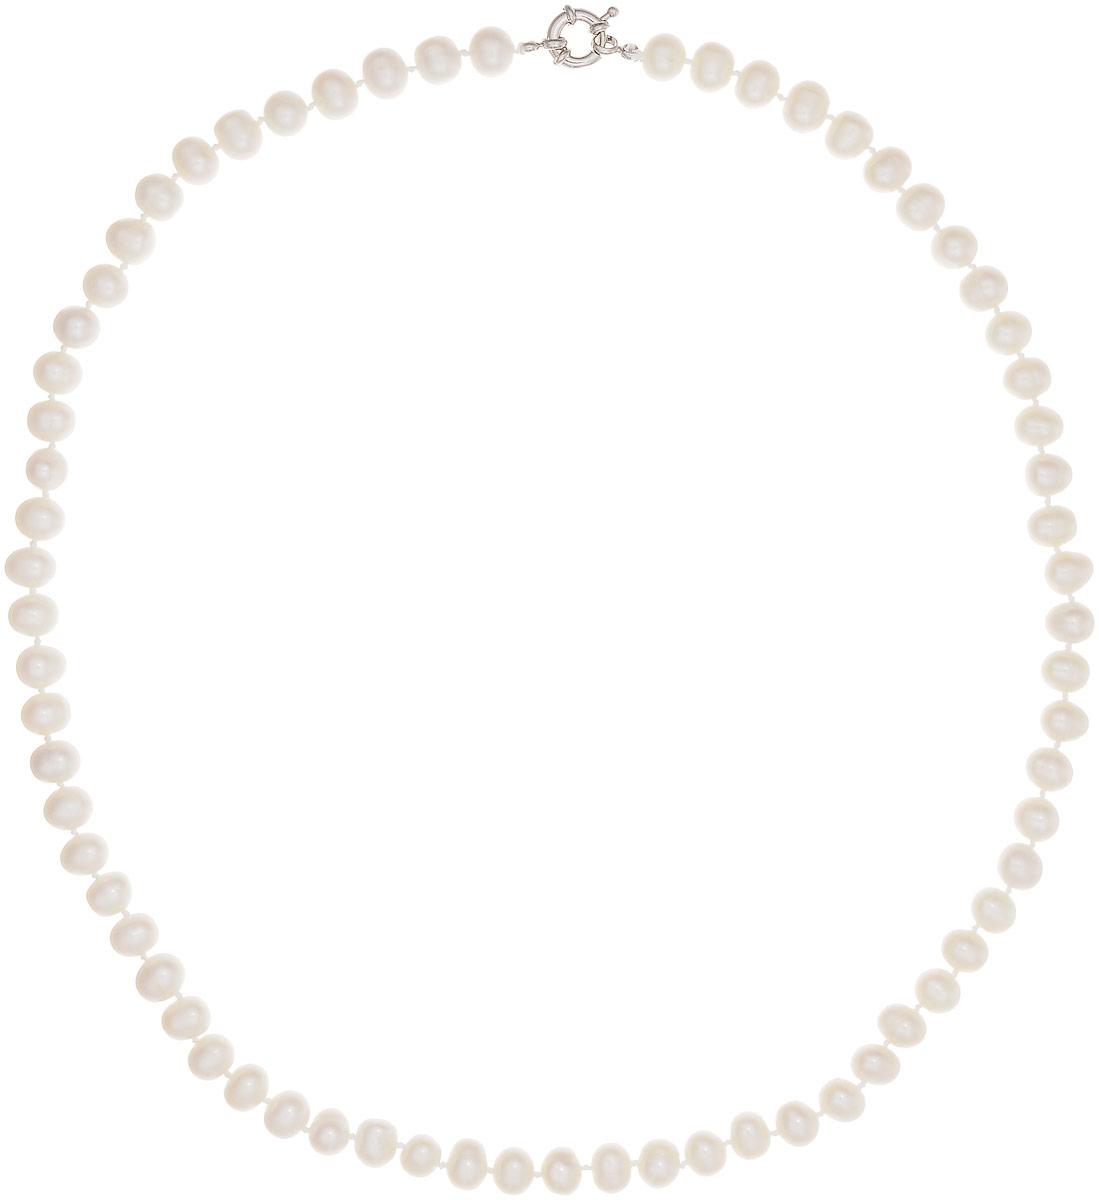 Бусы Art-Silver, цвет: белый, длина 60 см. КЖб8-9А+60-806Бусы-ниткаБусы Art-Silver выполнены из бижутерного сплава и культивированного жемчуга. Изделие оснащено удобной шпренгельной застежкой.